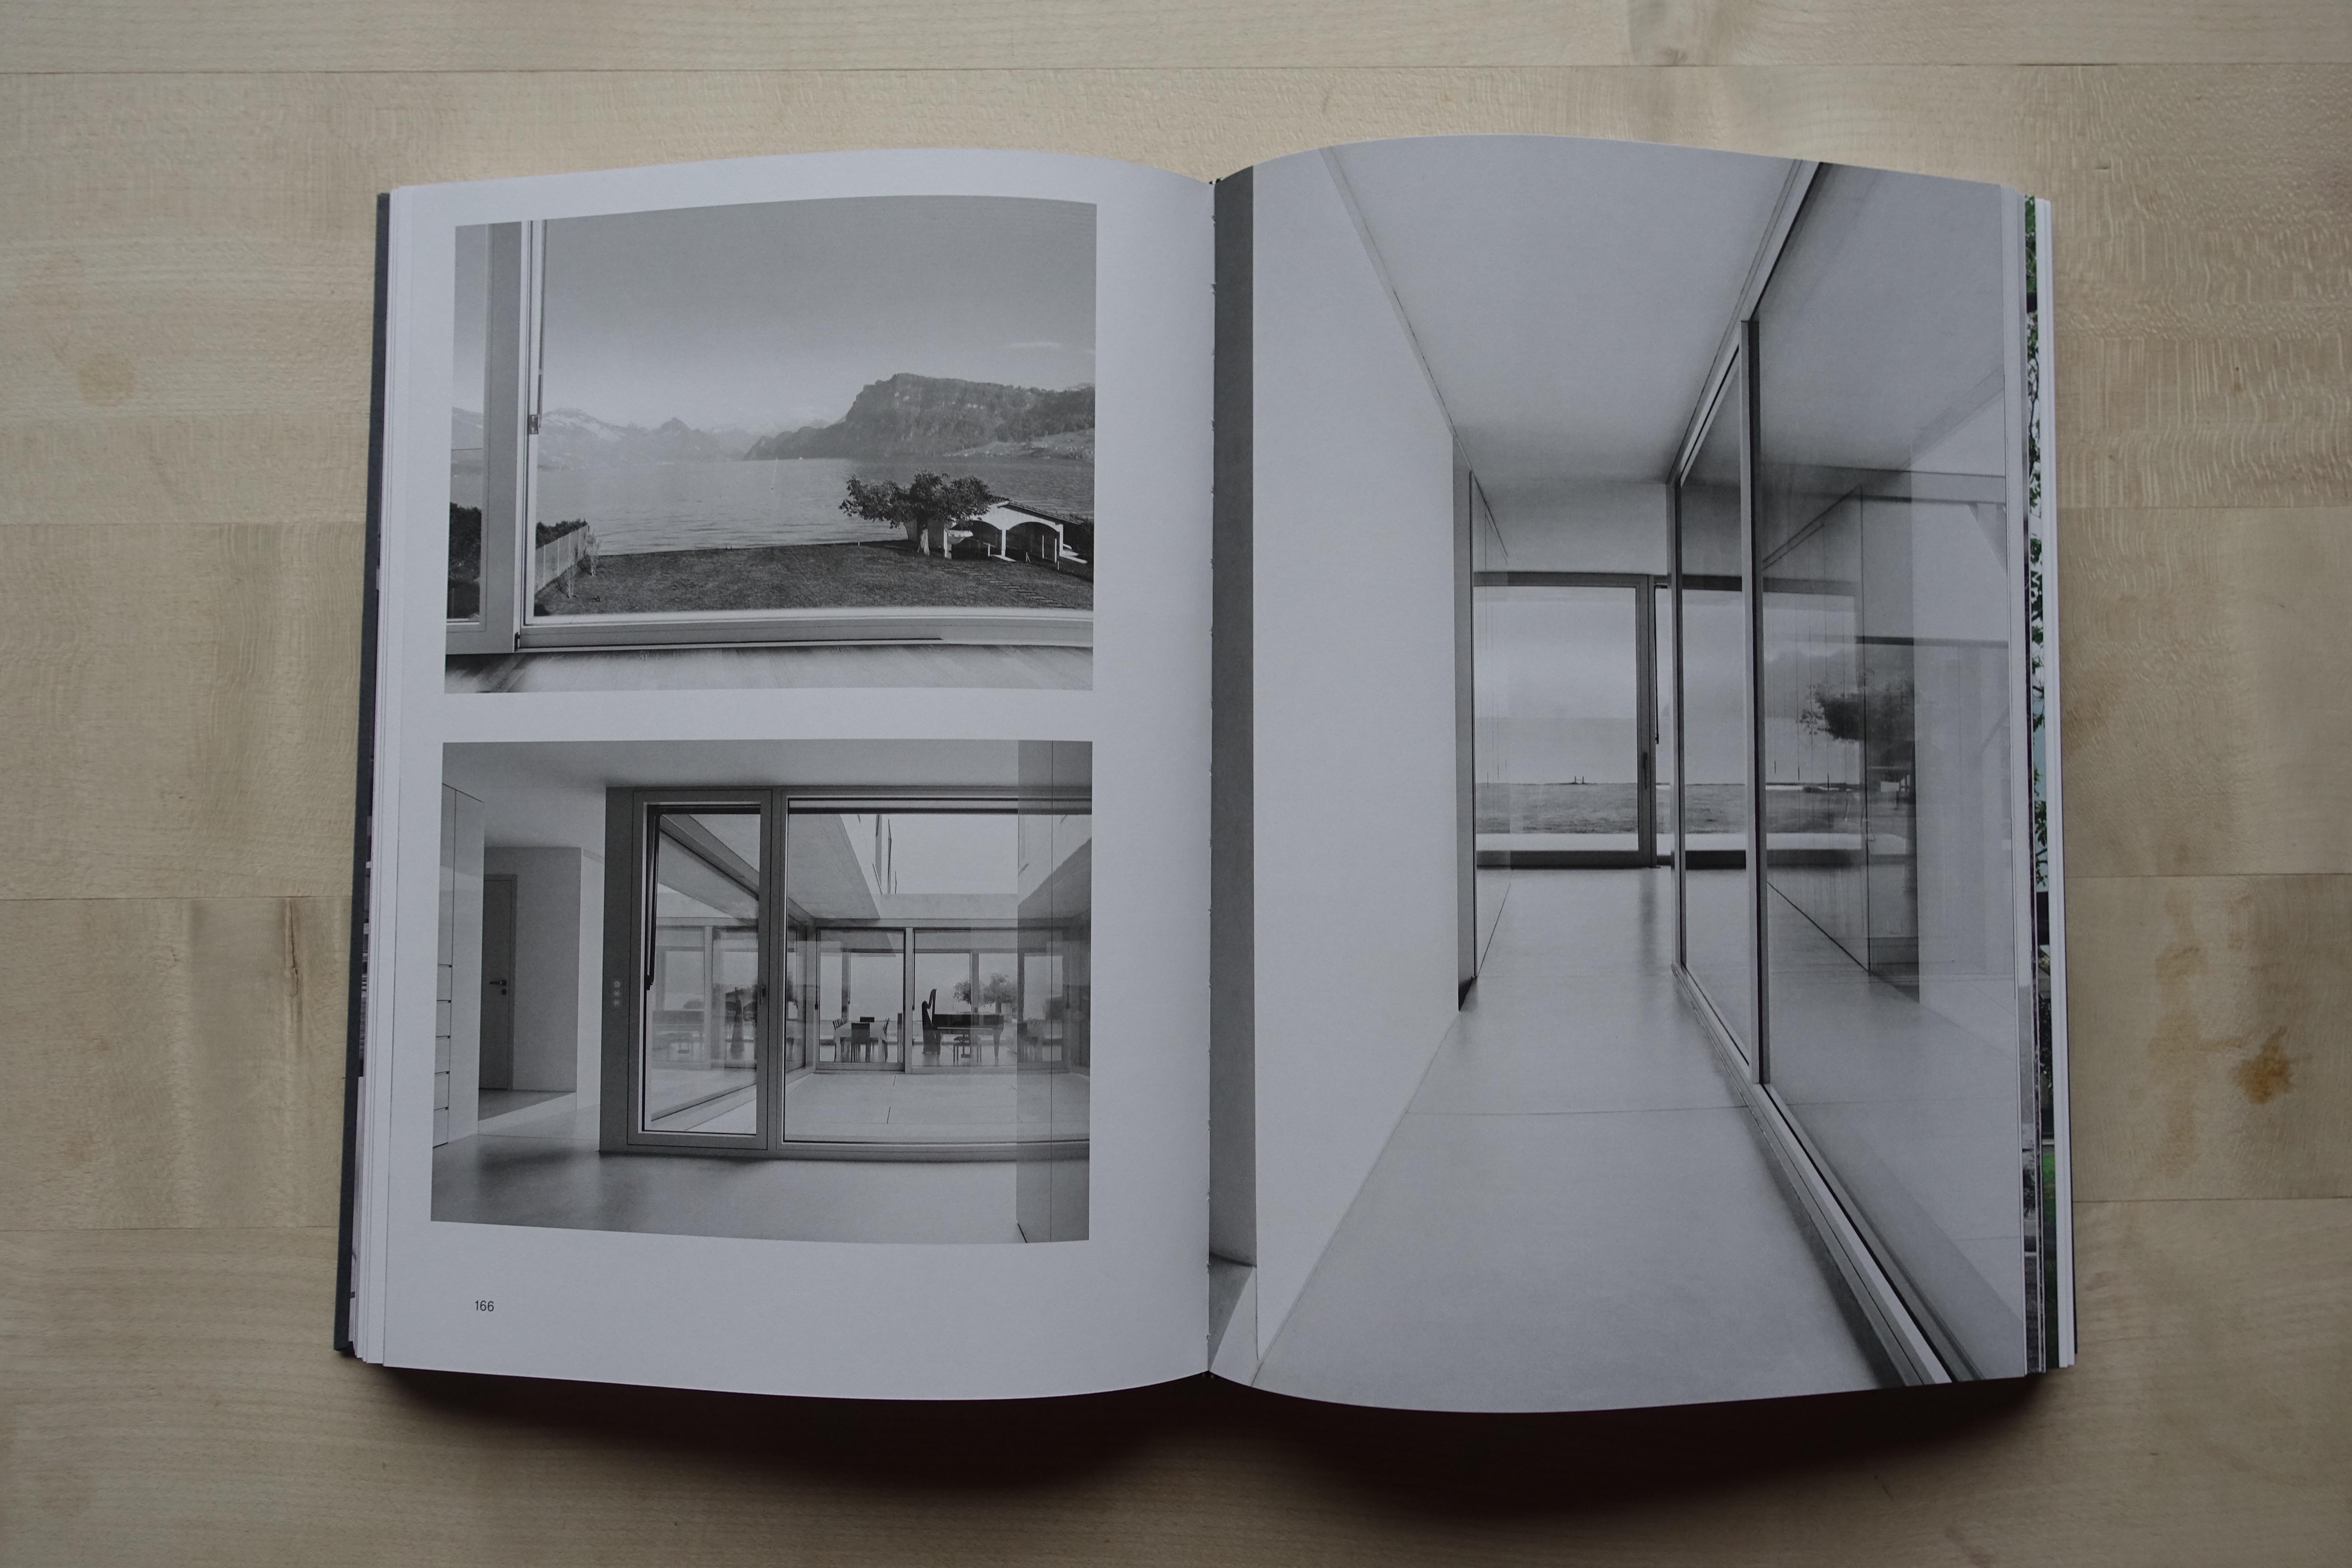 Katalog Graber & Steiger, Bildseite (Foto: Gerold Kunz)